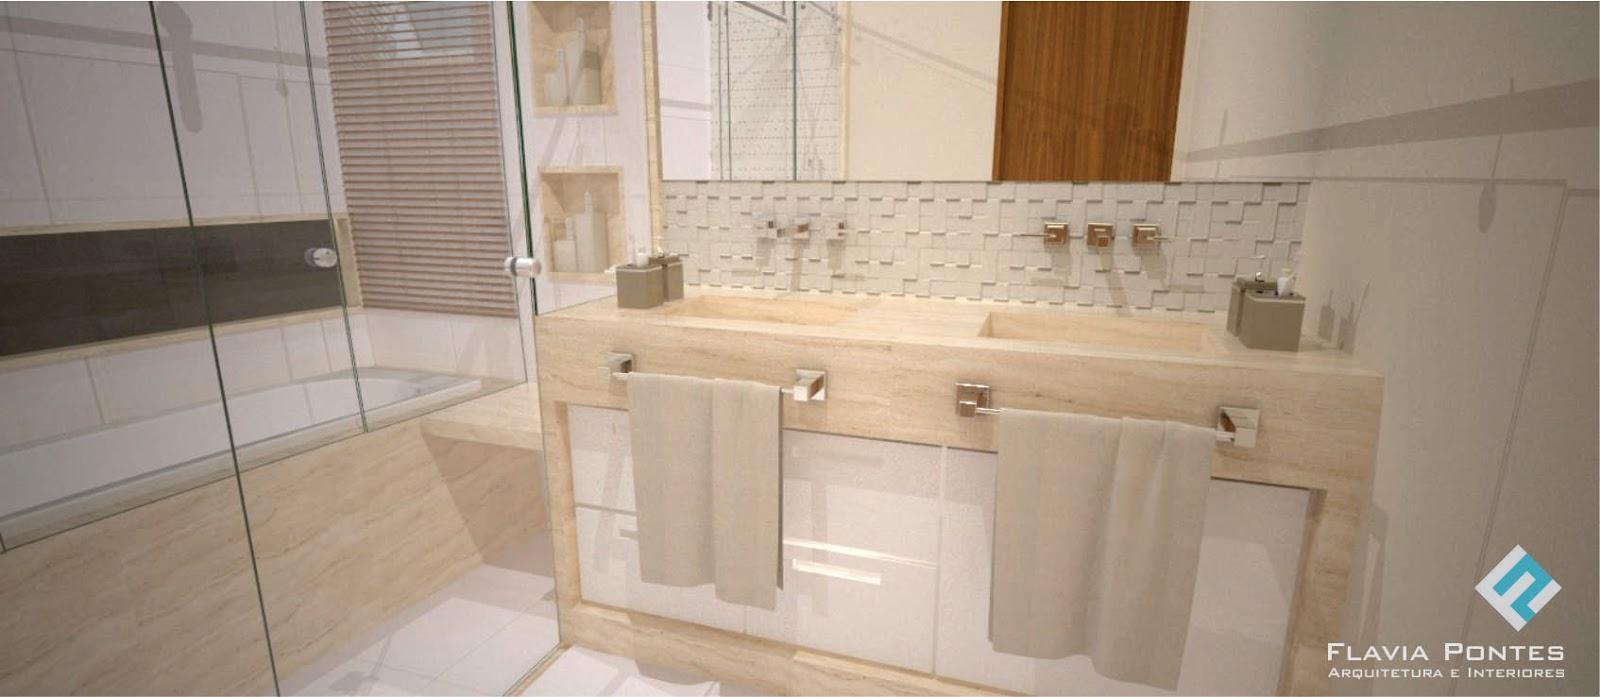 Flavia Pontes Arquitetura -> Revestimento De Banheiro Com Banheira